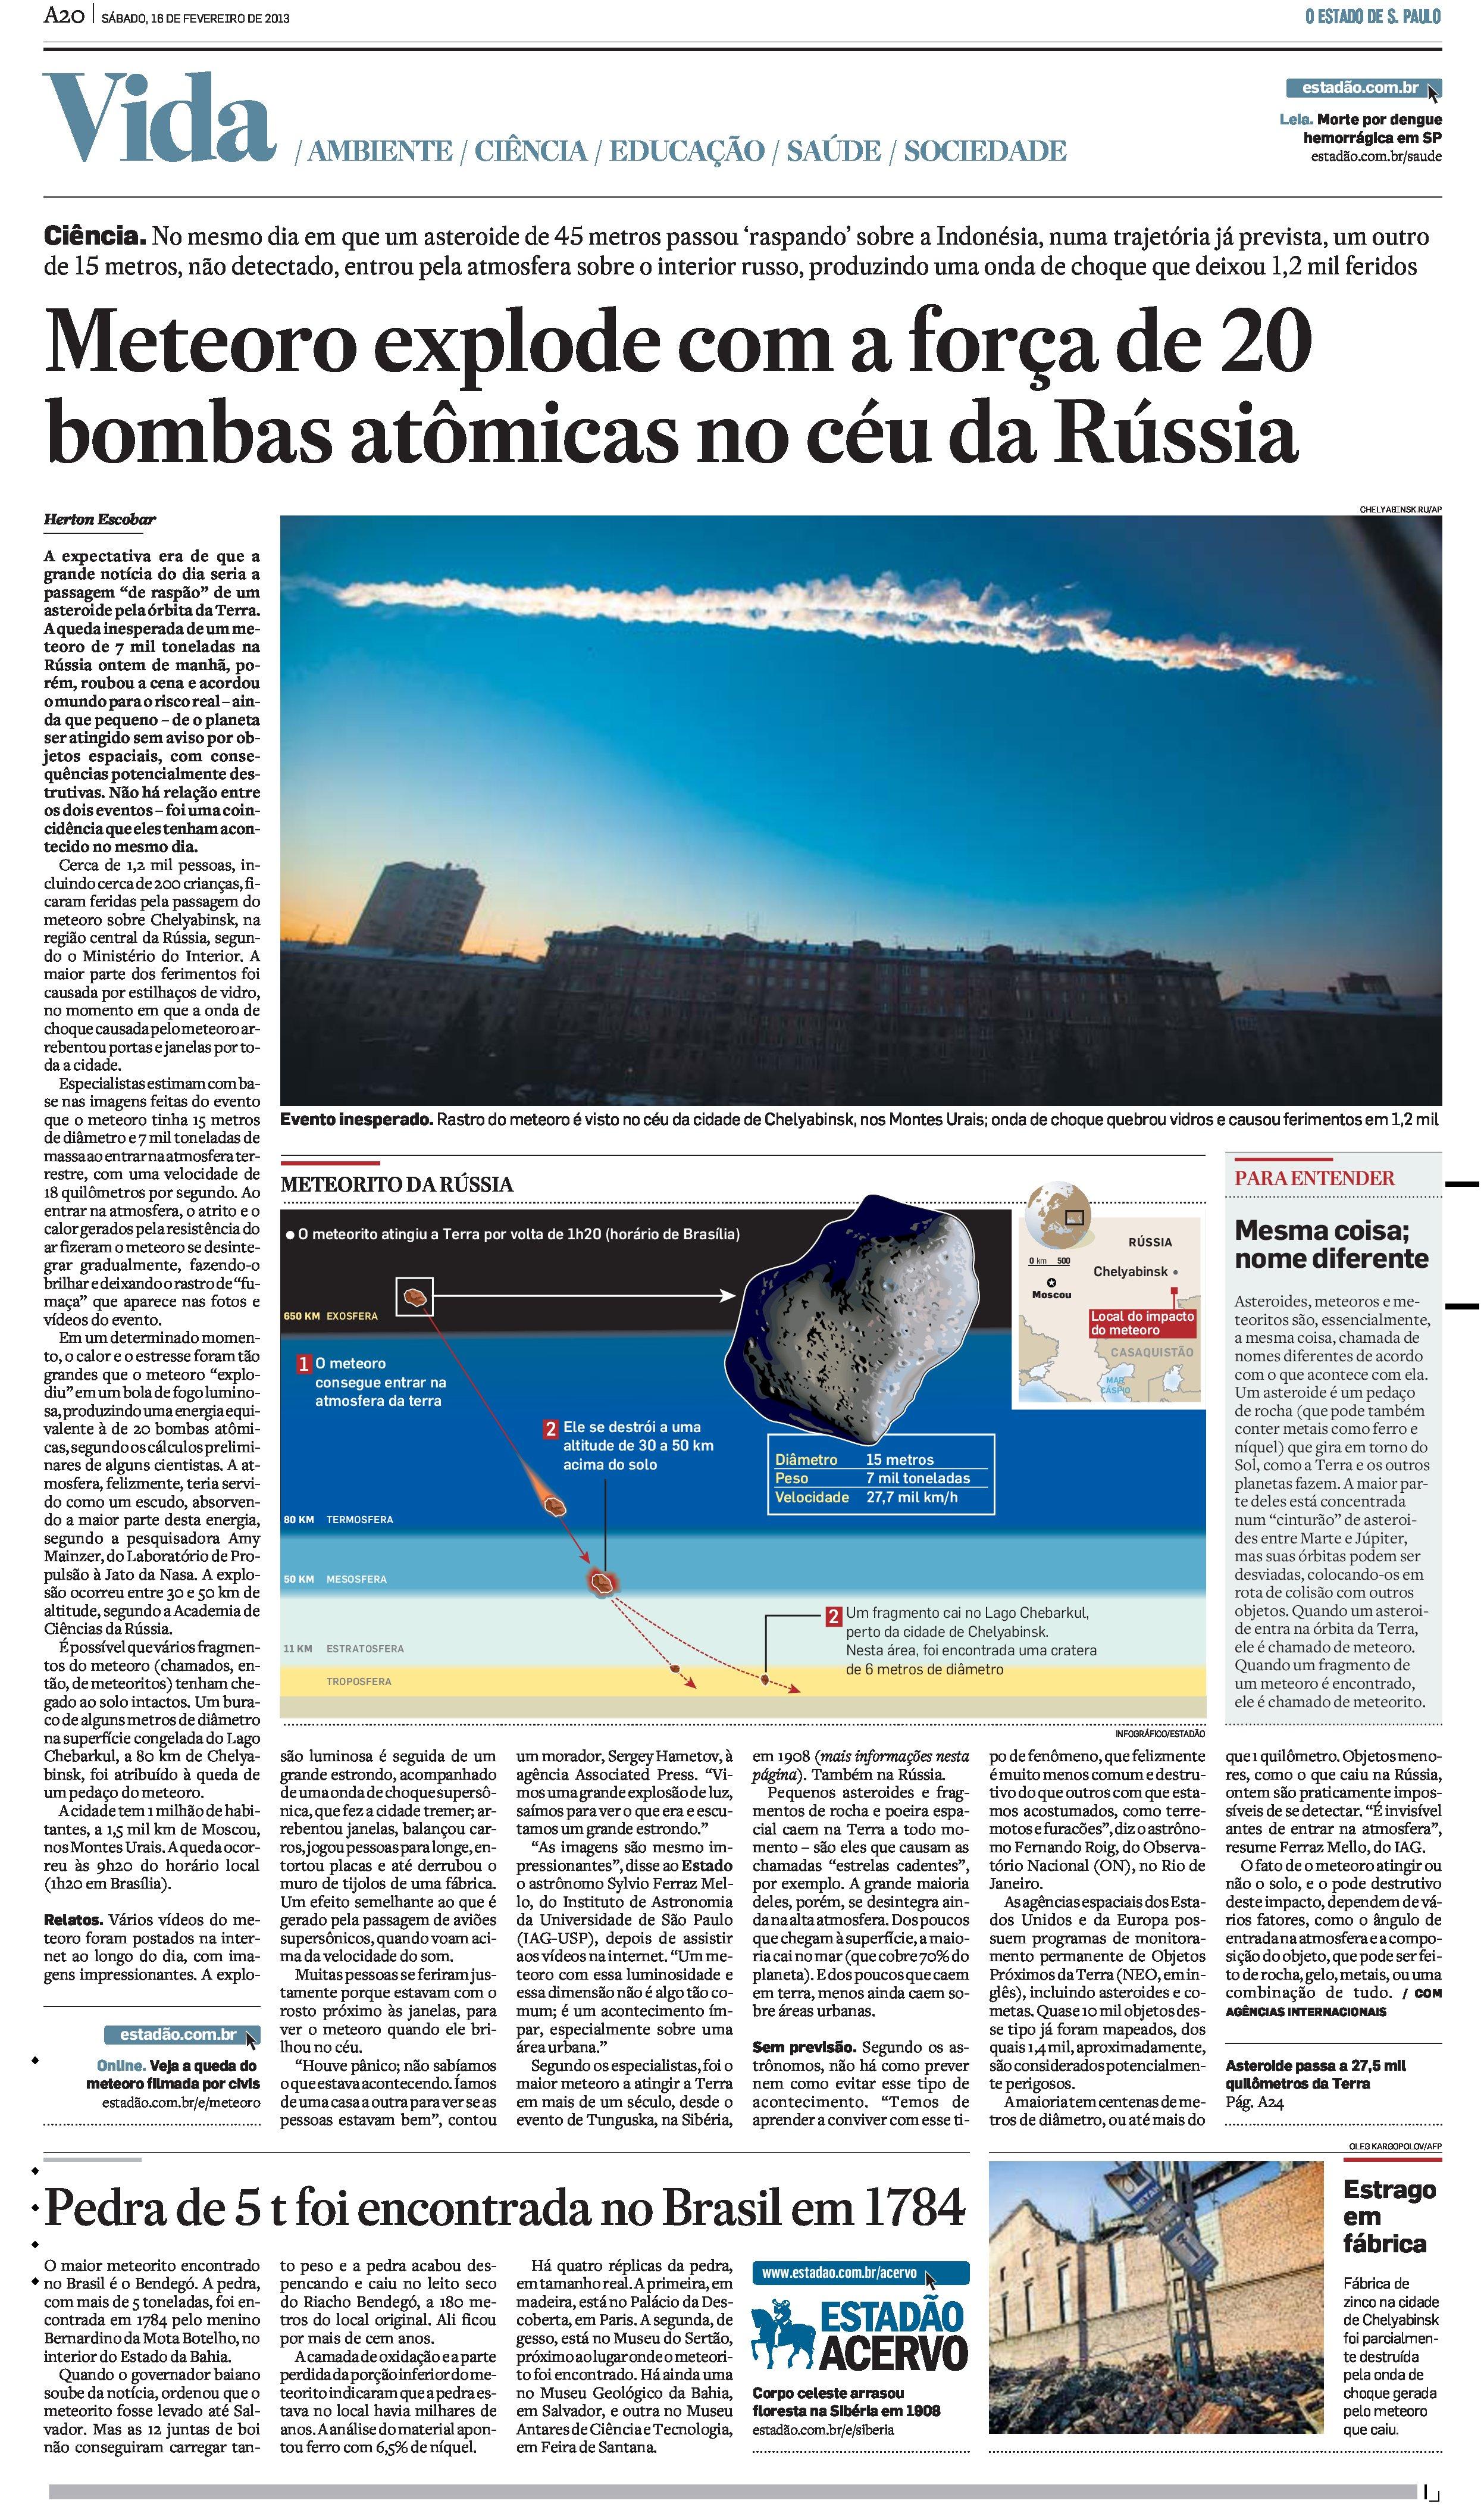 Meteoro explode com a força de 20 bombas atômicas no céu da Rússia